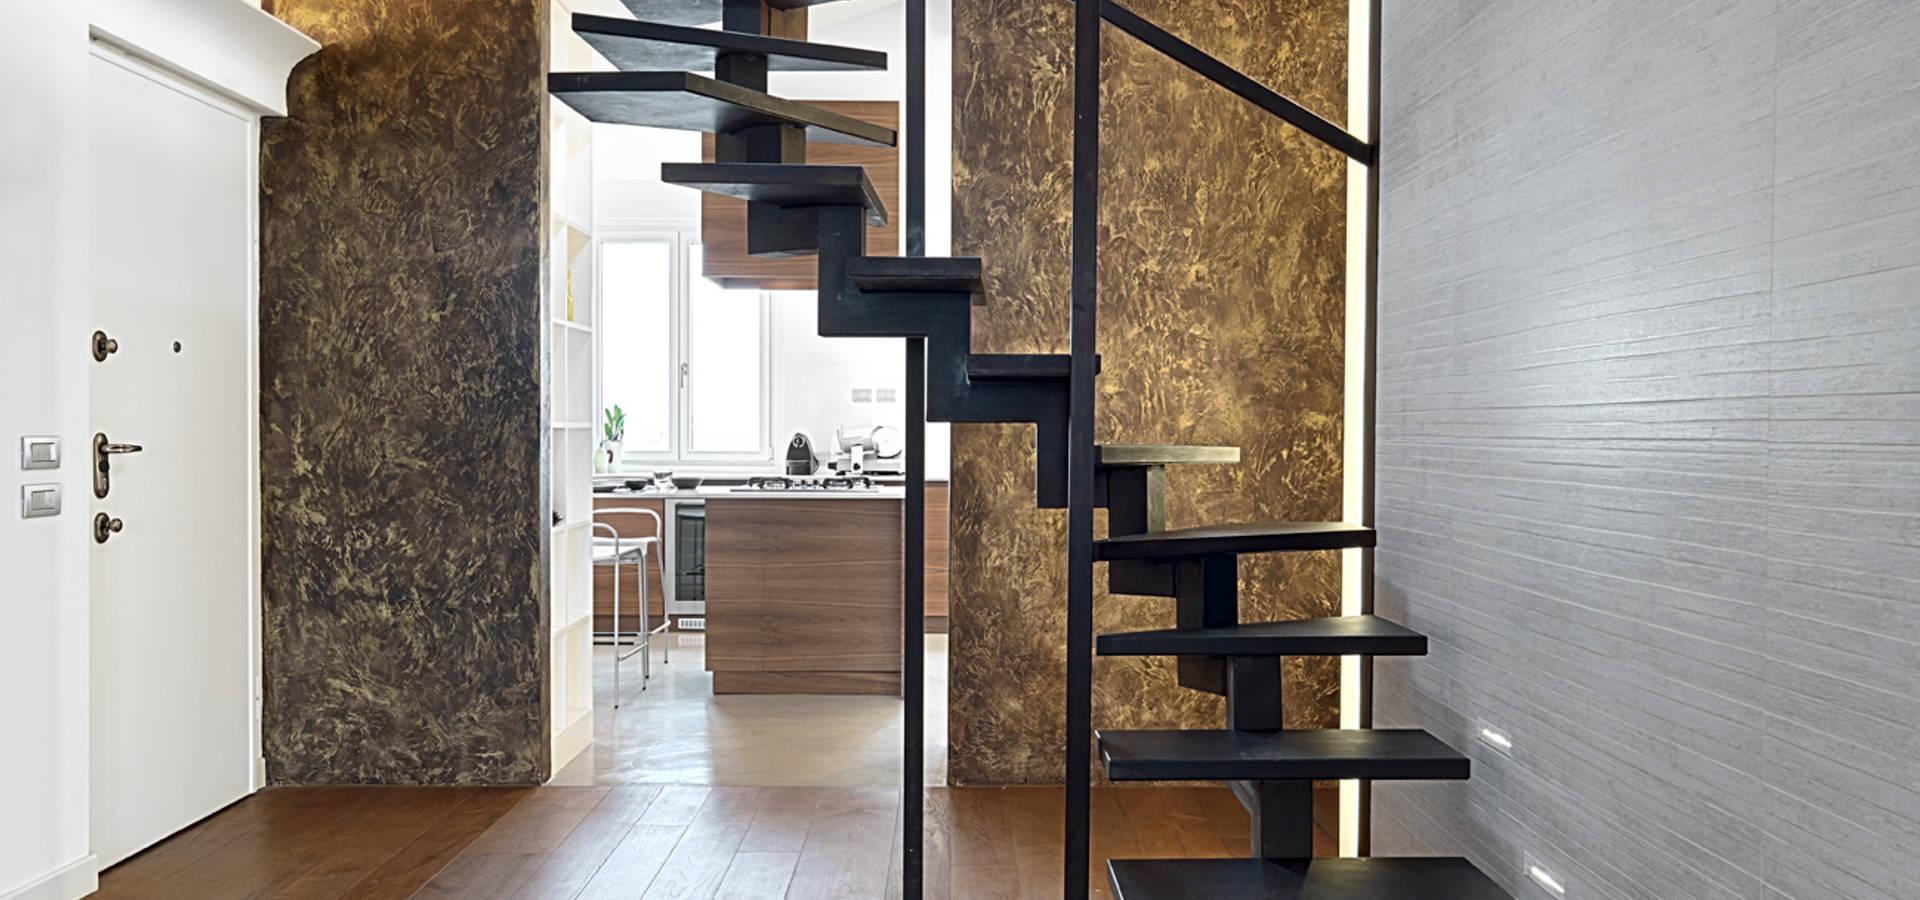 Abitazione su pi piani di d3 architetti associati homify for Piani domestici contempory